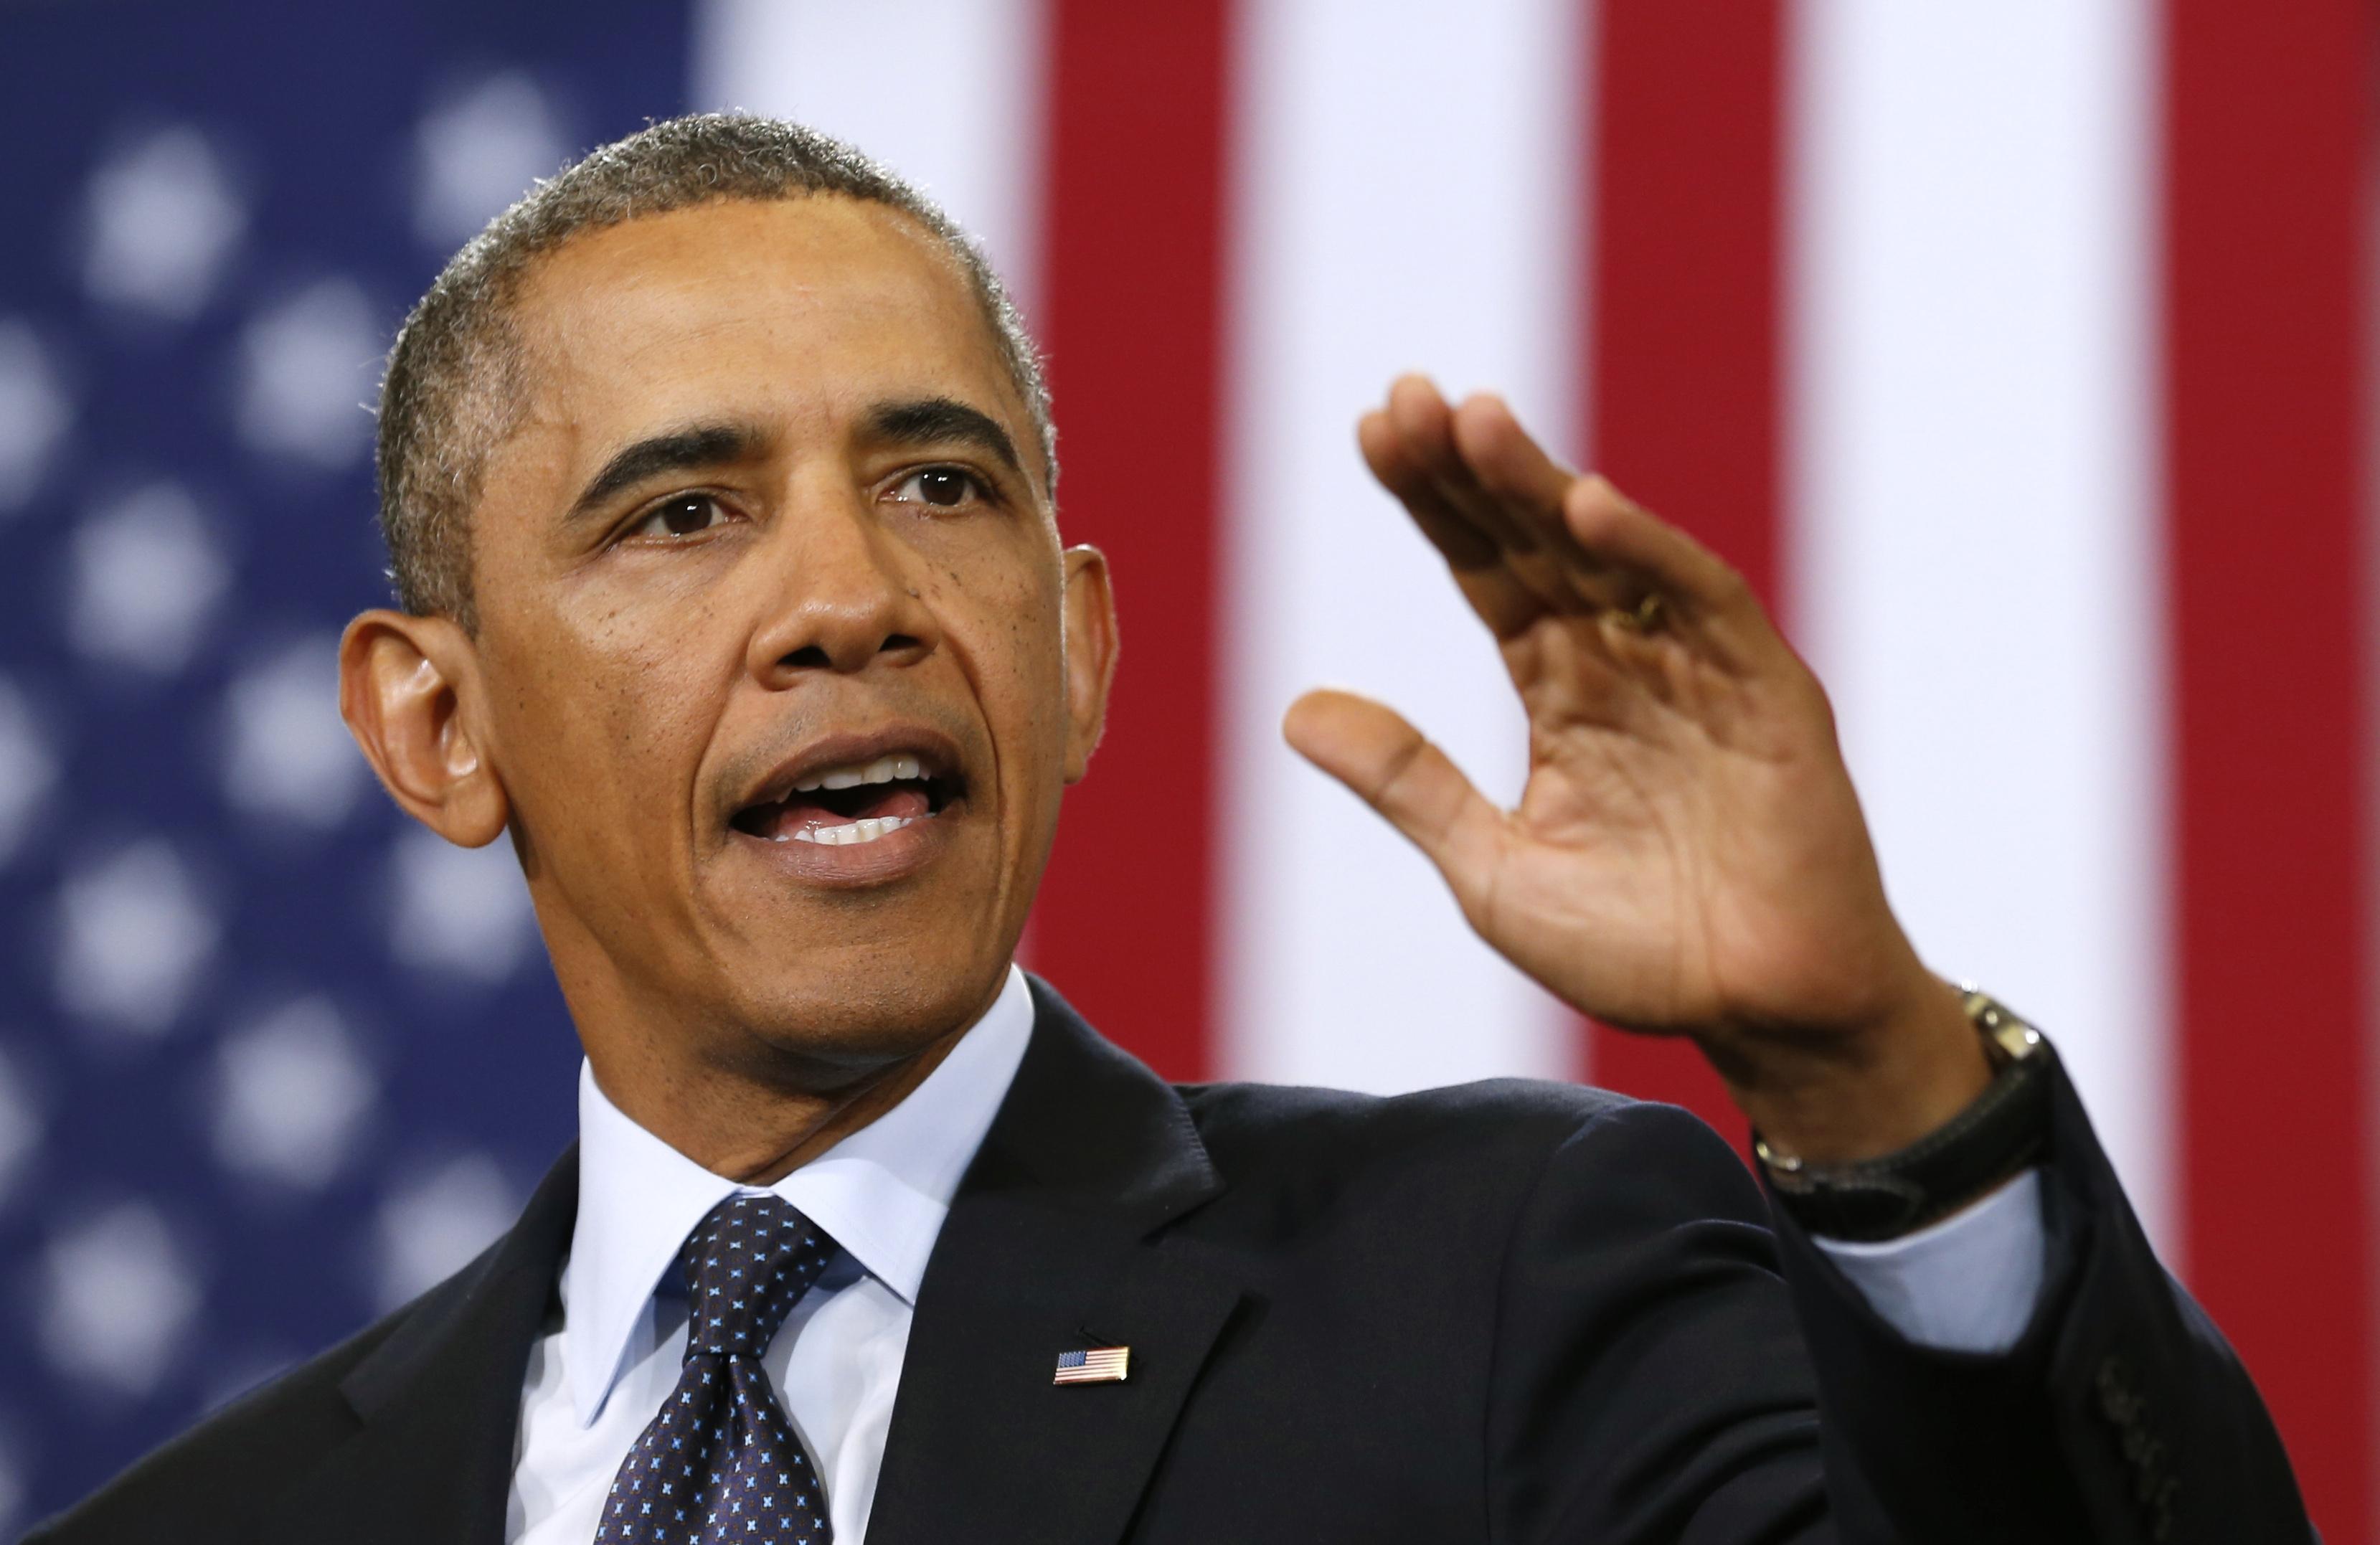 Prezident Obama zavádí nový energetický klimatický plán, ve kterém bude významnou roli hrát i jádro